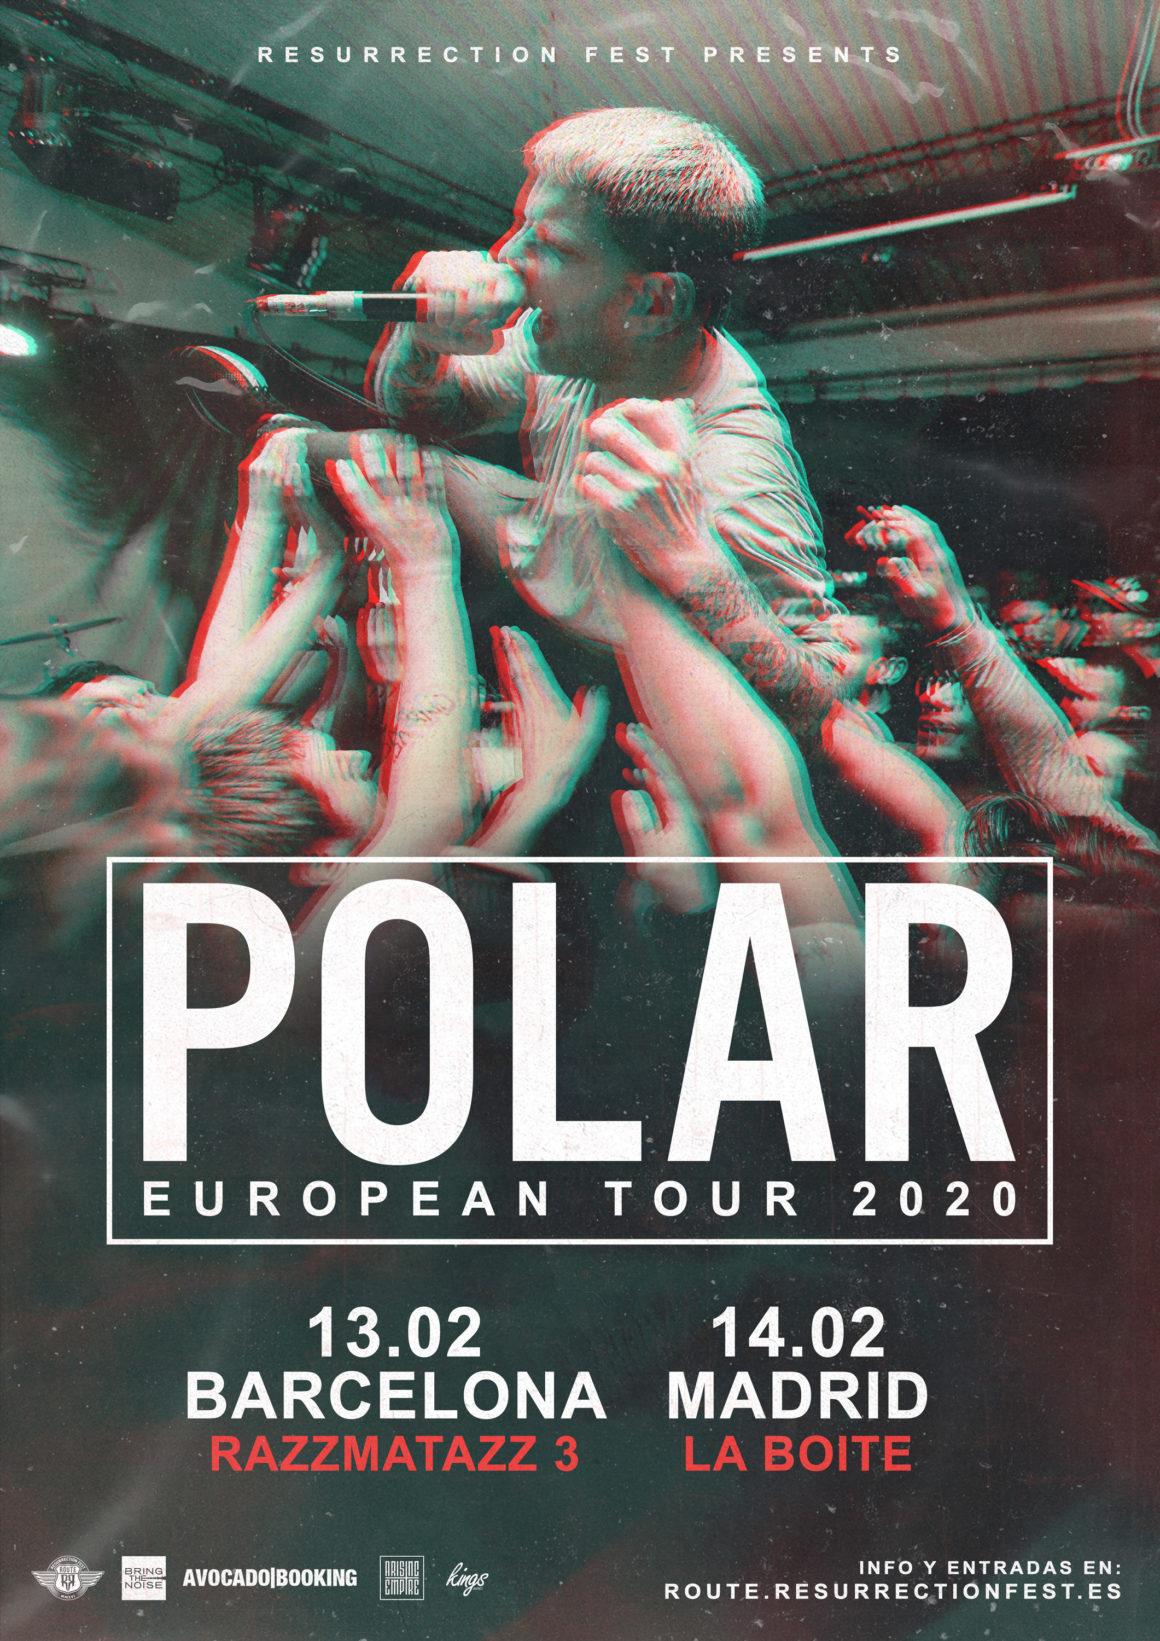 Nueva gira Route Resurrection: ¡Polar vienen a España!